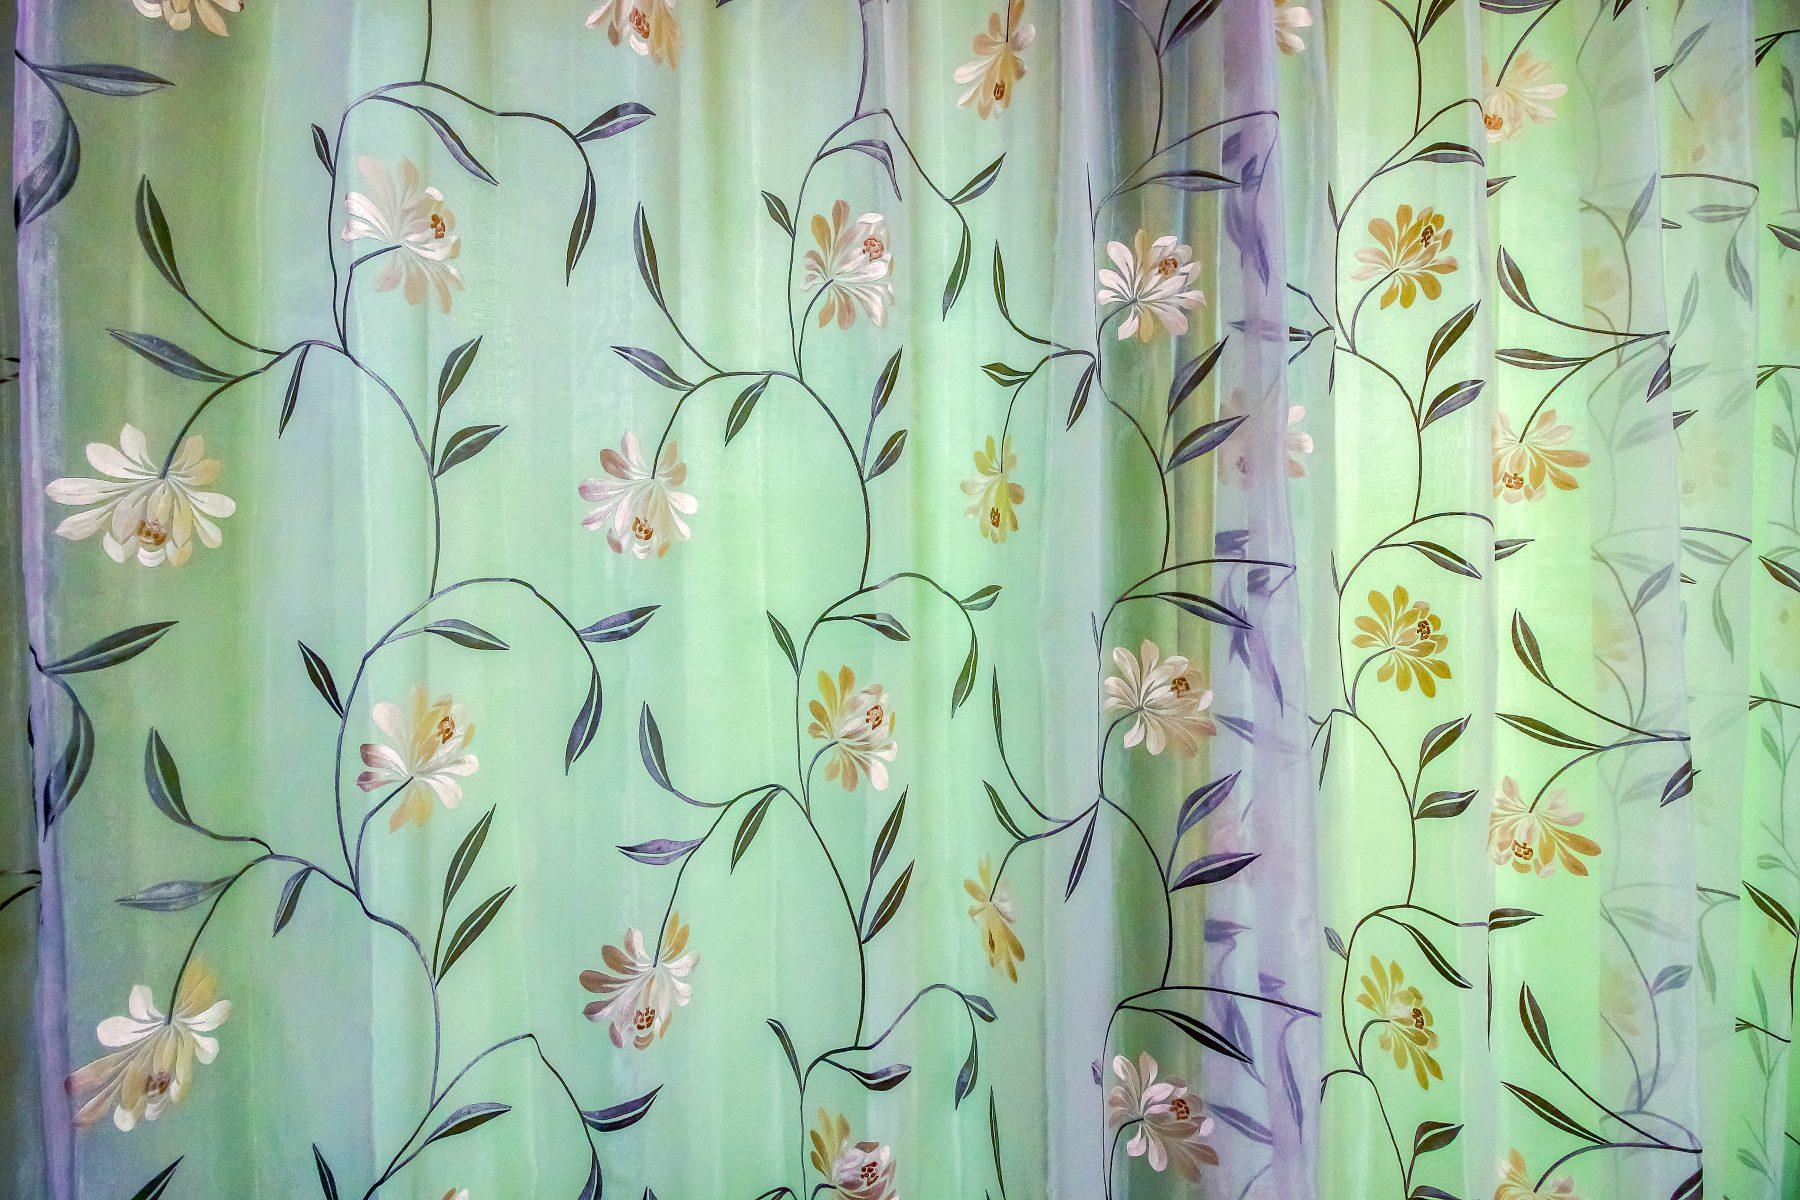 仕立て直しでカーテンを再利用 – オーダーカーテンsara【株式会社sara】